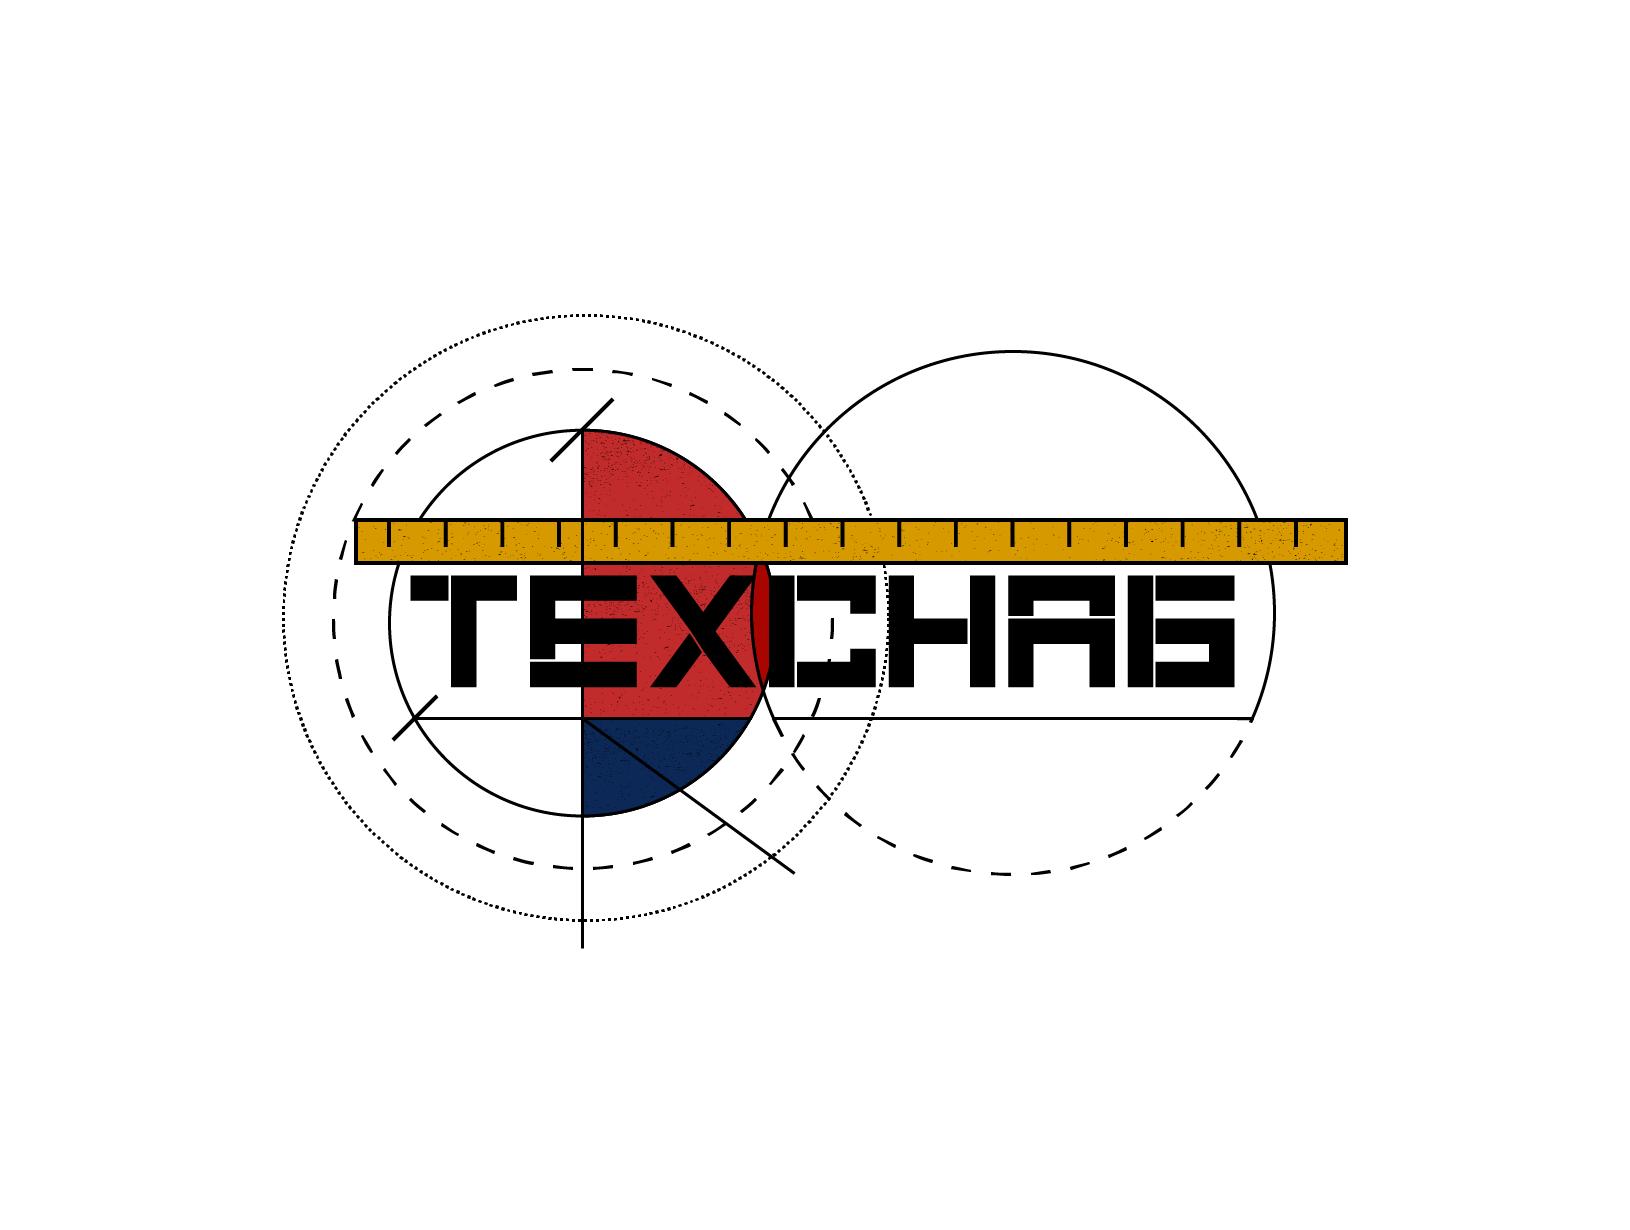 Разработка логотипа и фирм. стиля компании  ТЕХСНАБ фото f_3905b1f1e7a9ee91.png